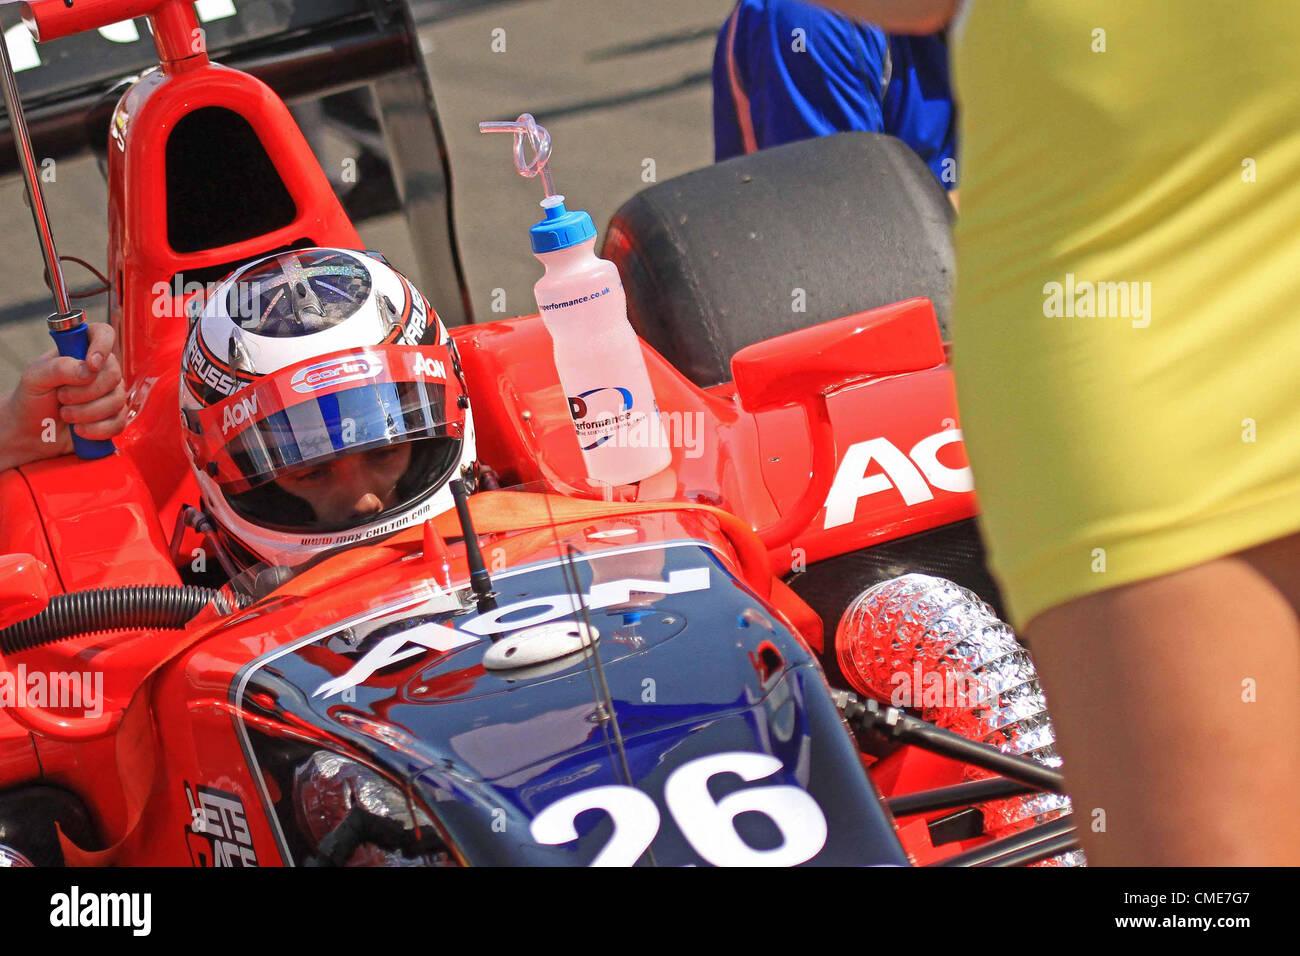 """28.07.2012: Budapest, Ungarn. FIA GP2 Motorsport.  Max Chilton in der Startaufstellung """"Augen nach unten Max"""" Stockbild"""